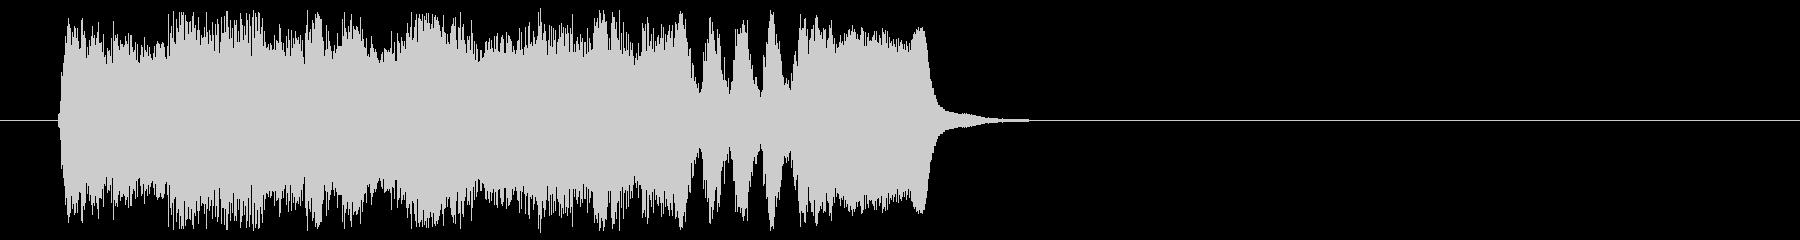 場面転換 スケール感 格調 荘厳の未再生の波形